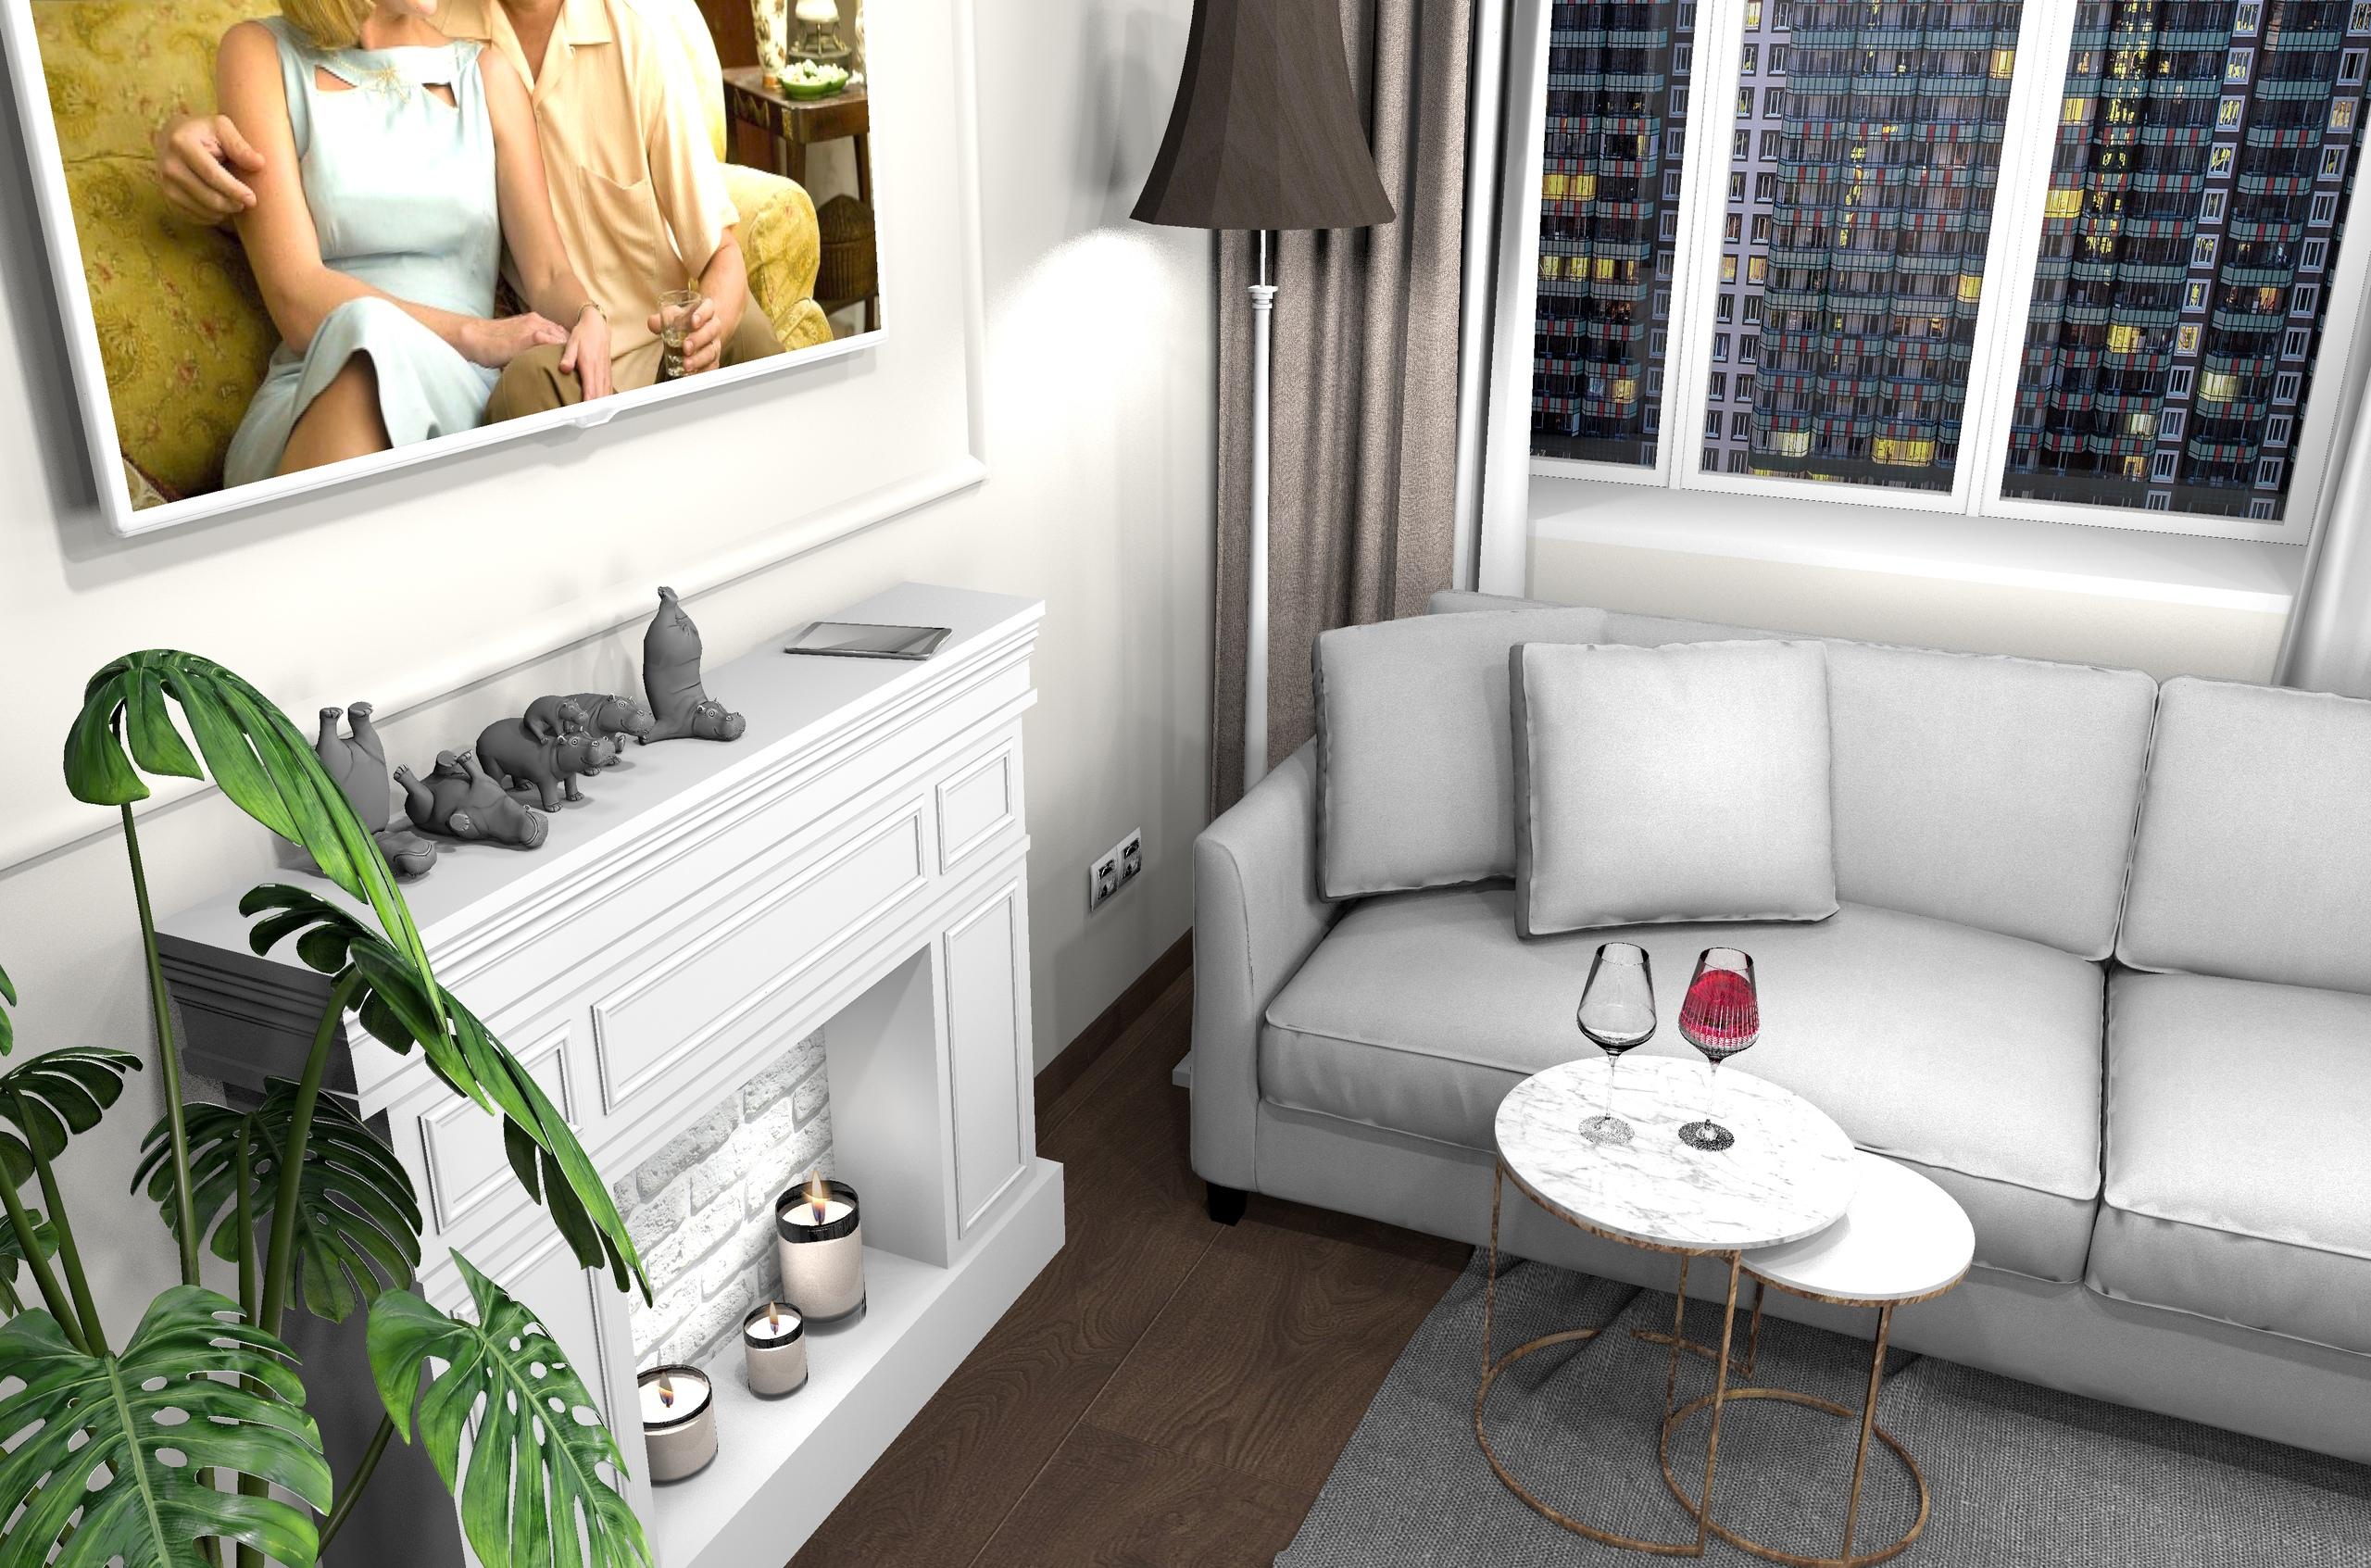 Проект кухни-гостиной в квартире в Санкт-Петербурге , автор Чупов АВ.